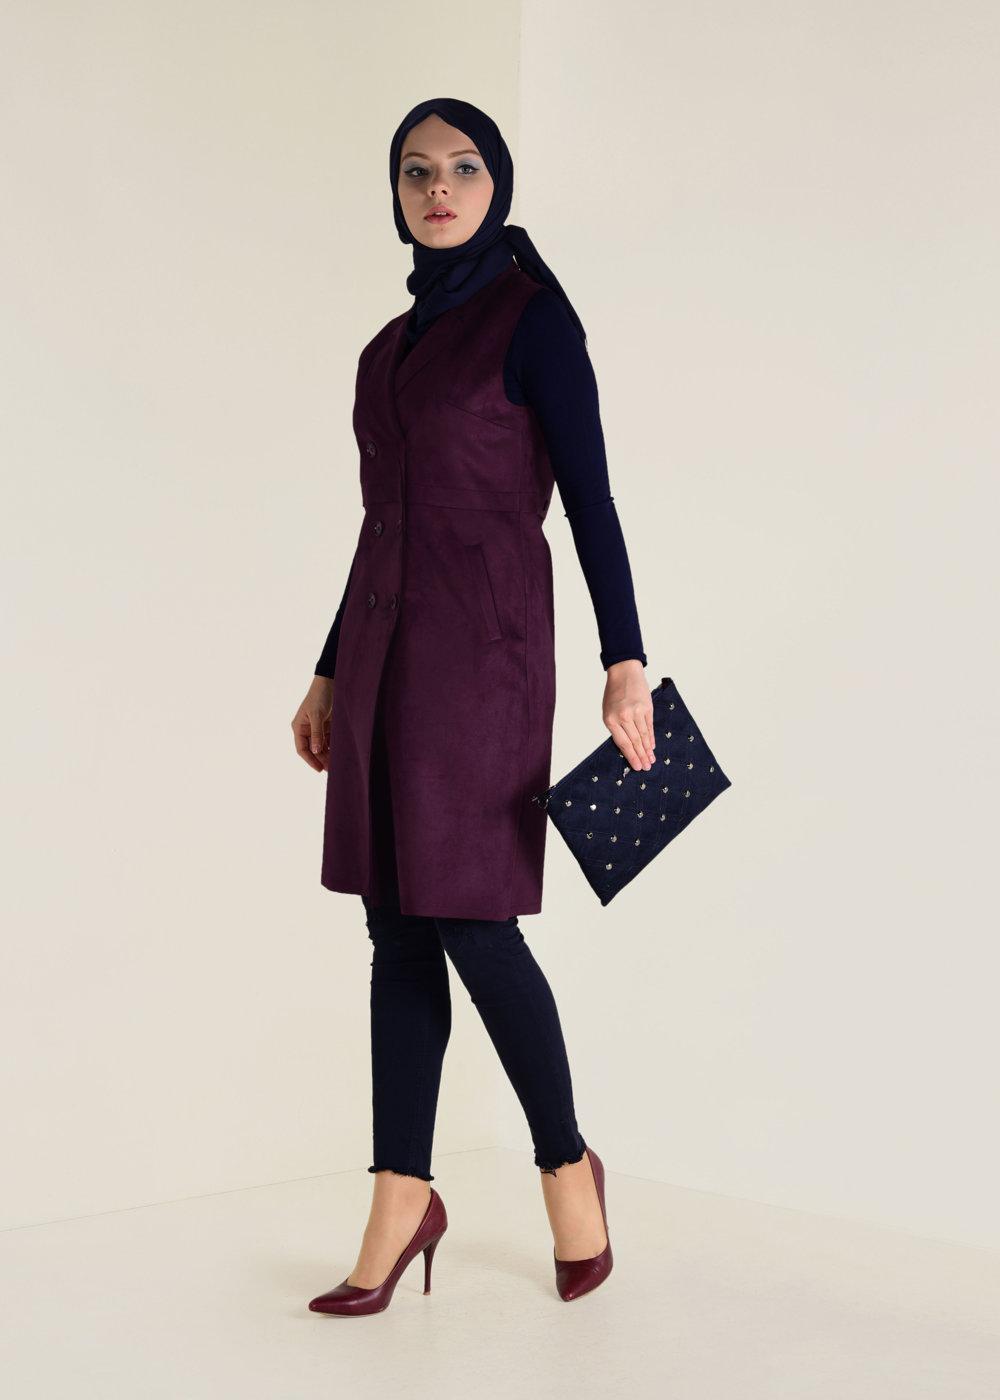 2018 Son Bahar Tesettur Giyim Trendi-2li-jile